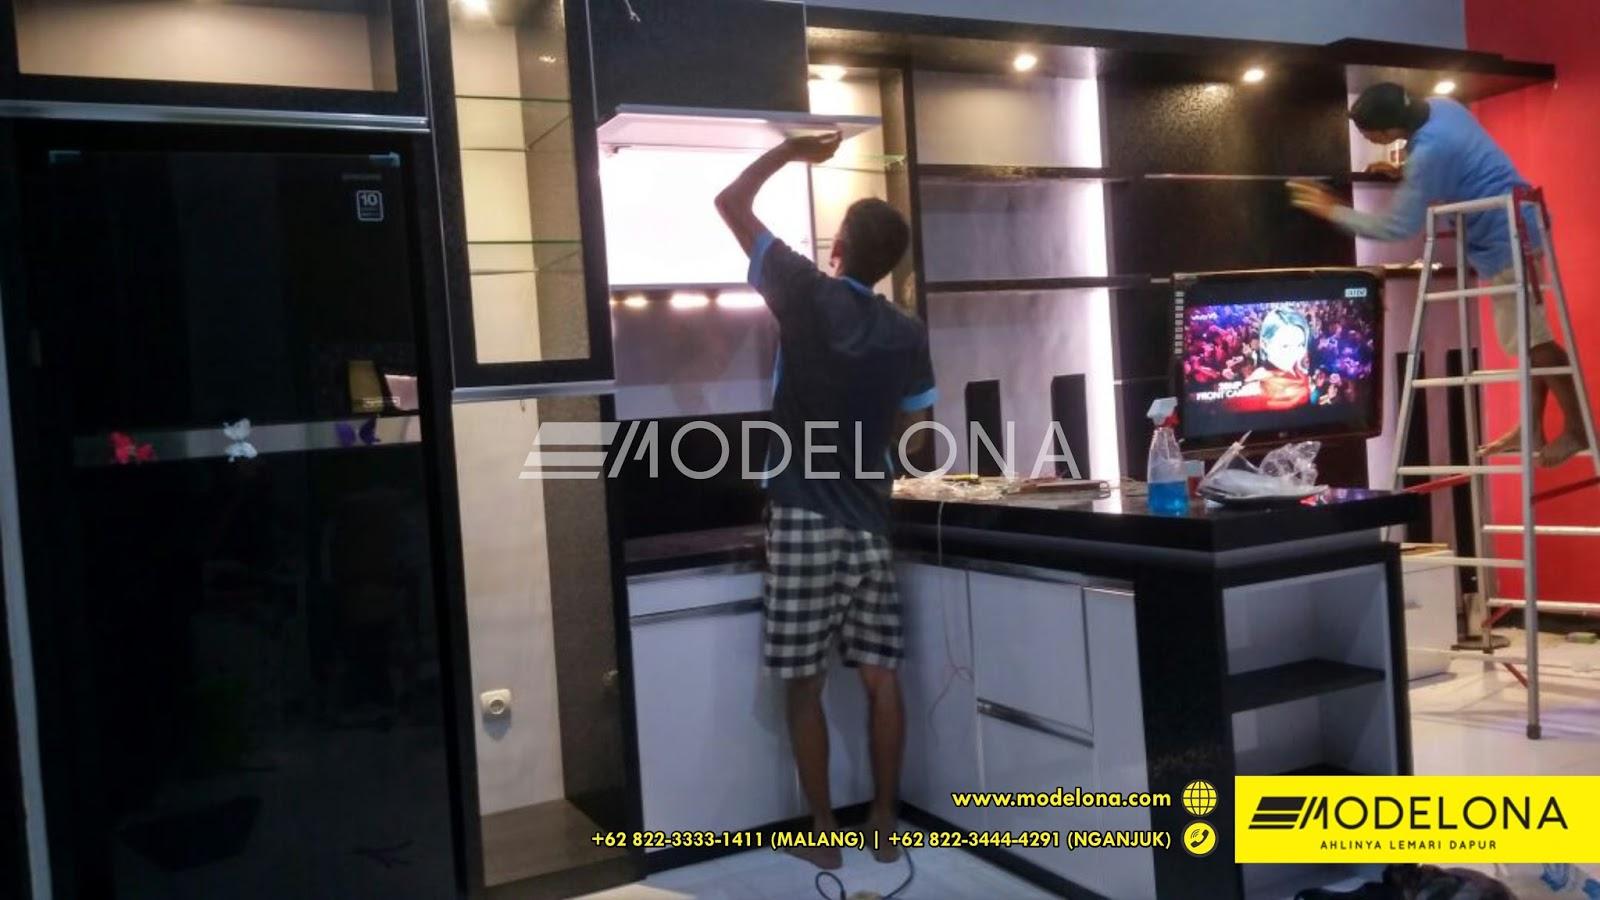 Kitchen set rumah tangga di surabaya kota olx co id olx co id rumah tangga surabaya kota q kitchen set kitchen set di surabaya kota olx co id di